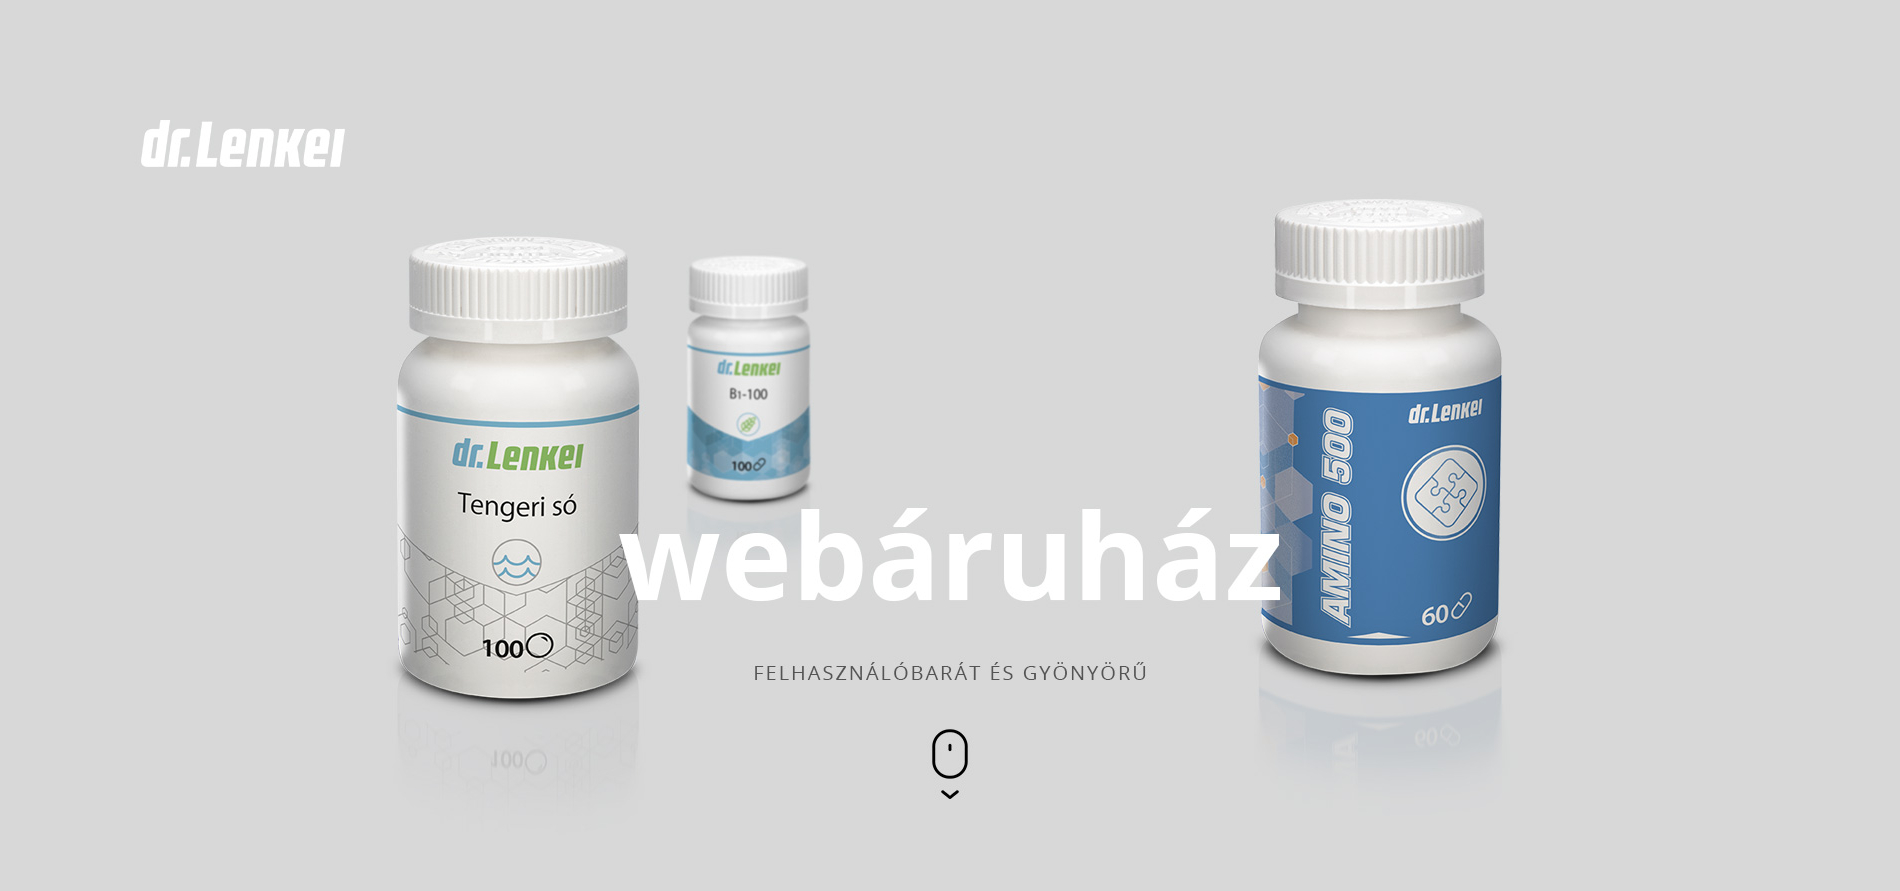 drlenkei-webaruhaz01